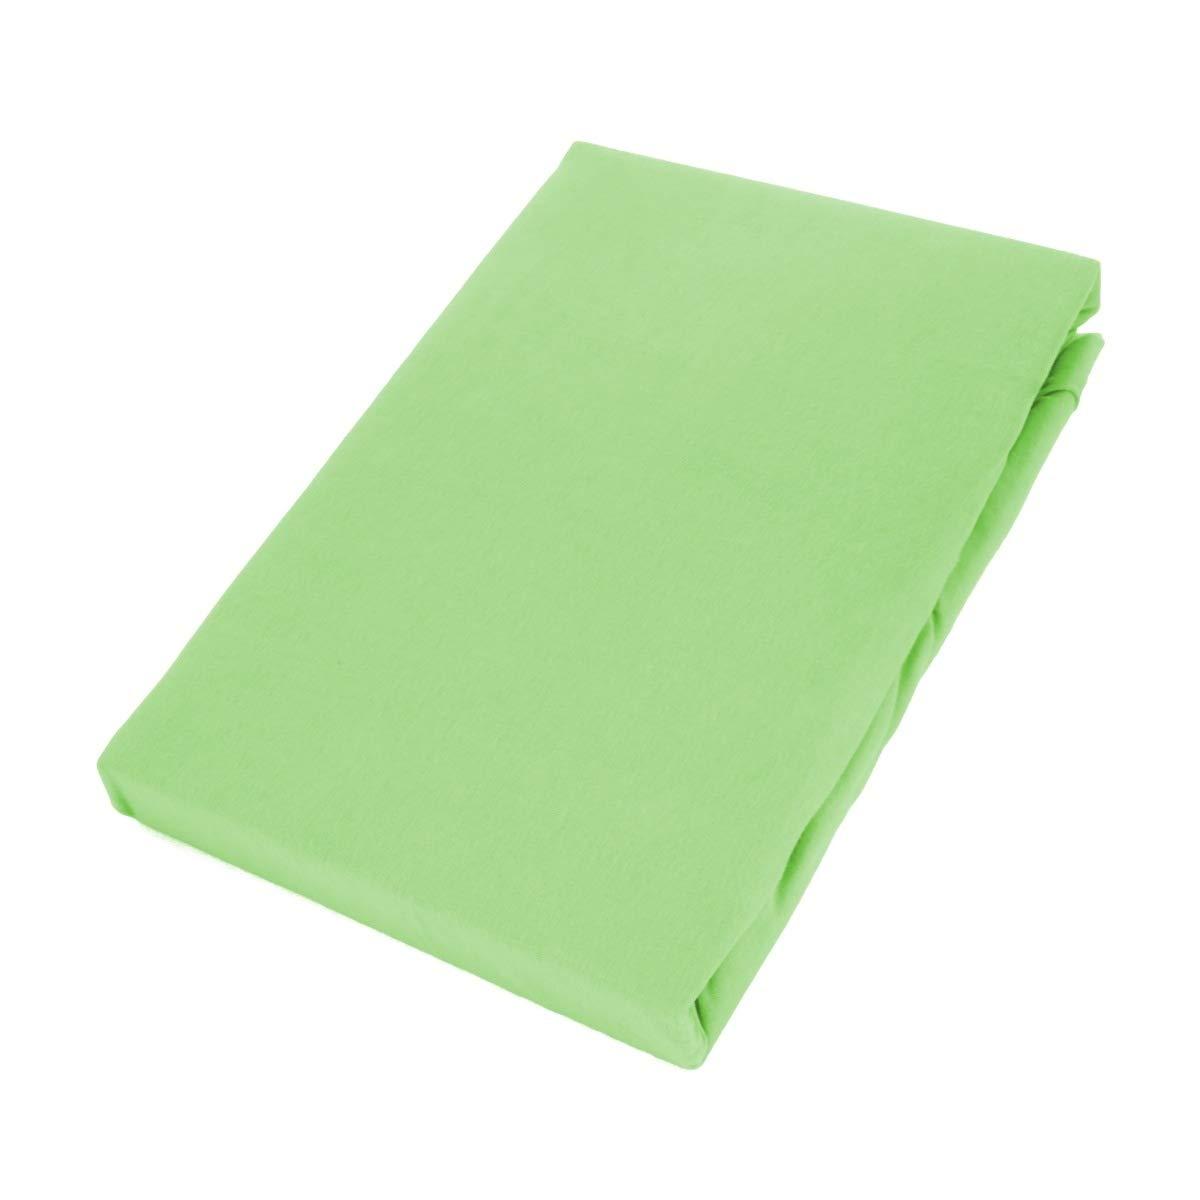 Etérea Jersey - Sábana Bajera Ajustable Comfort - Algodón, 100% algodón, Verde Manzana, 180x200 cm - 200x200 cm: Amazon.es: Hogar